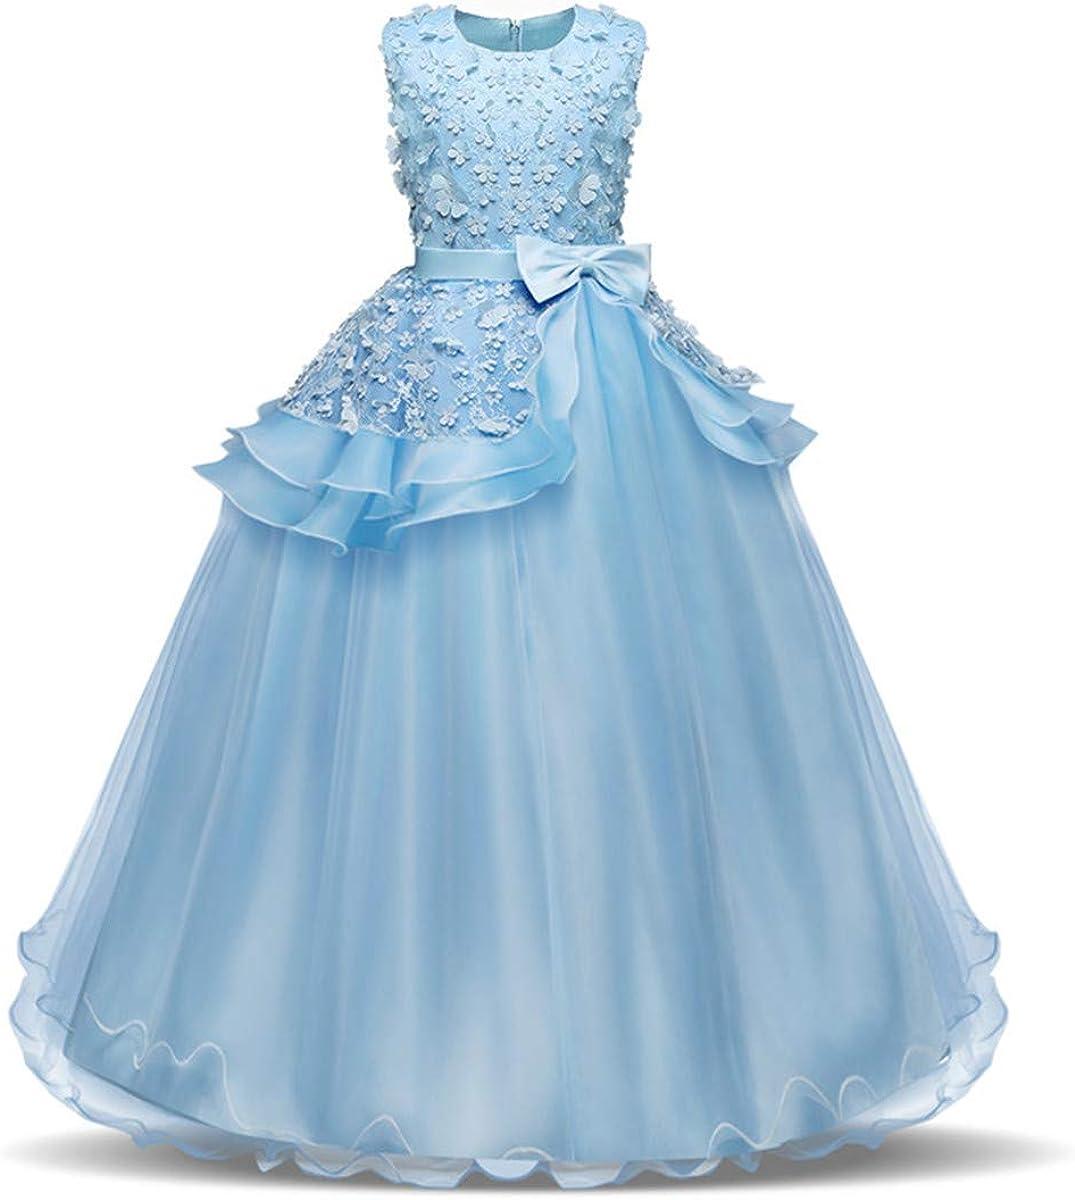 NNJXD Vestido de Fiesta de Boda,Vestido de La Princesa de Las Niñas,Vestido de Bautismo de Niña